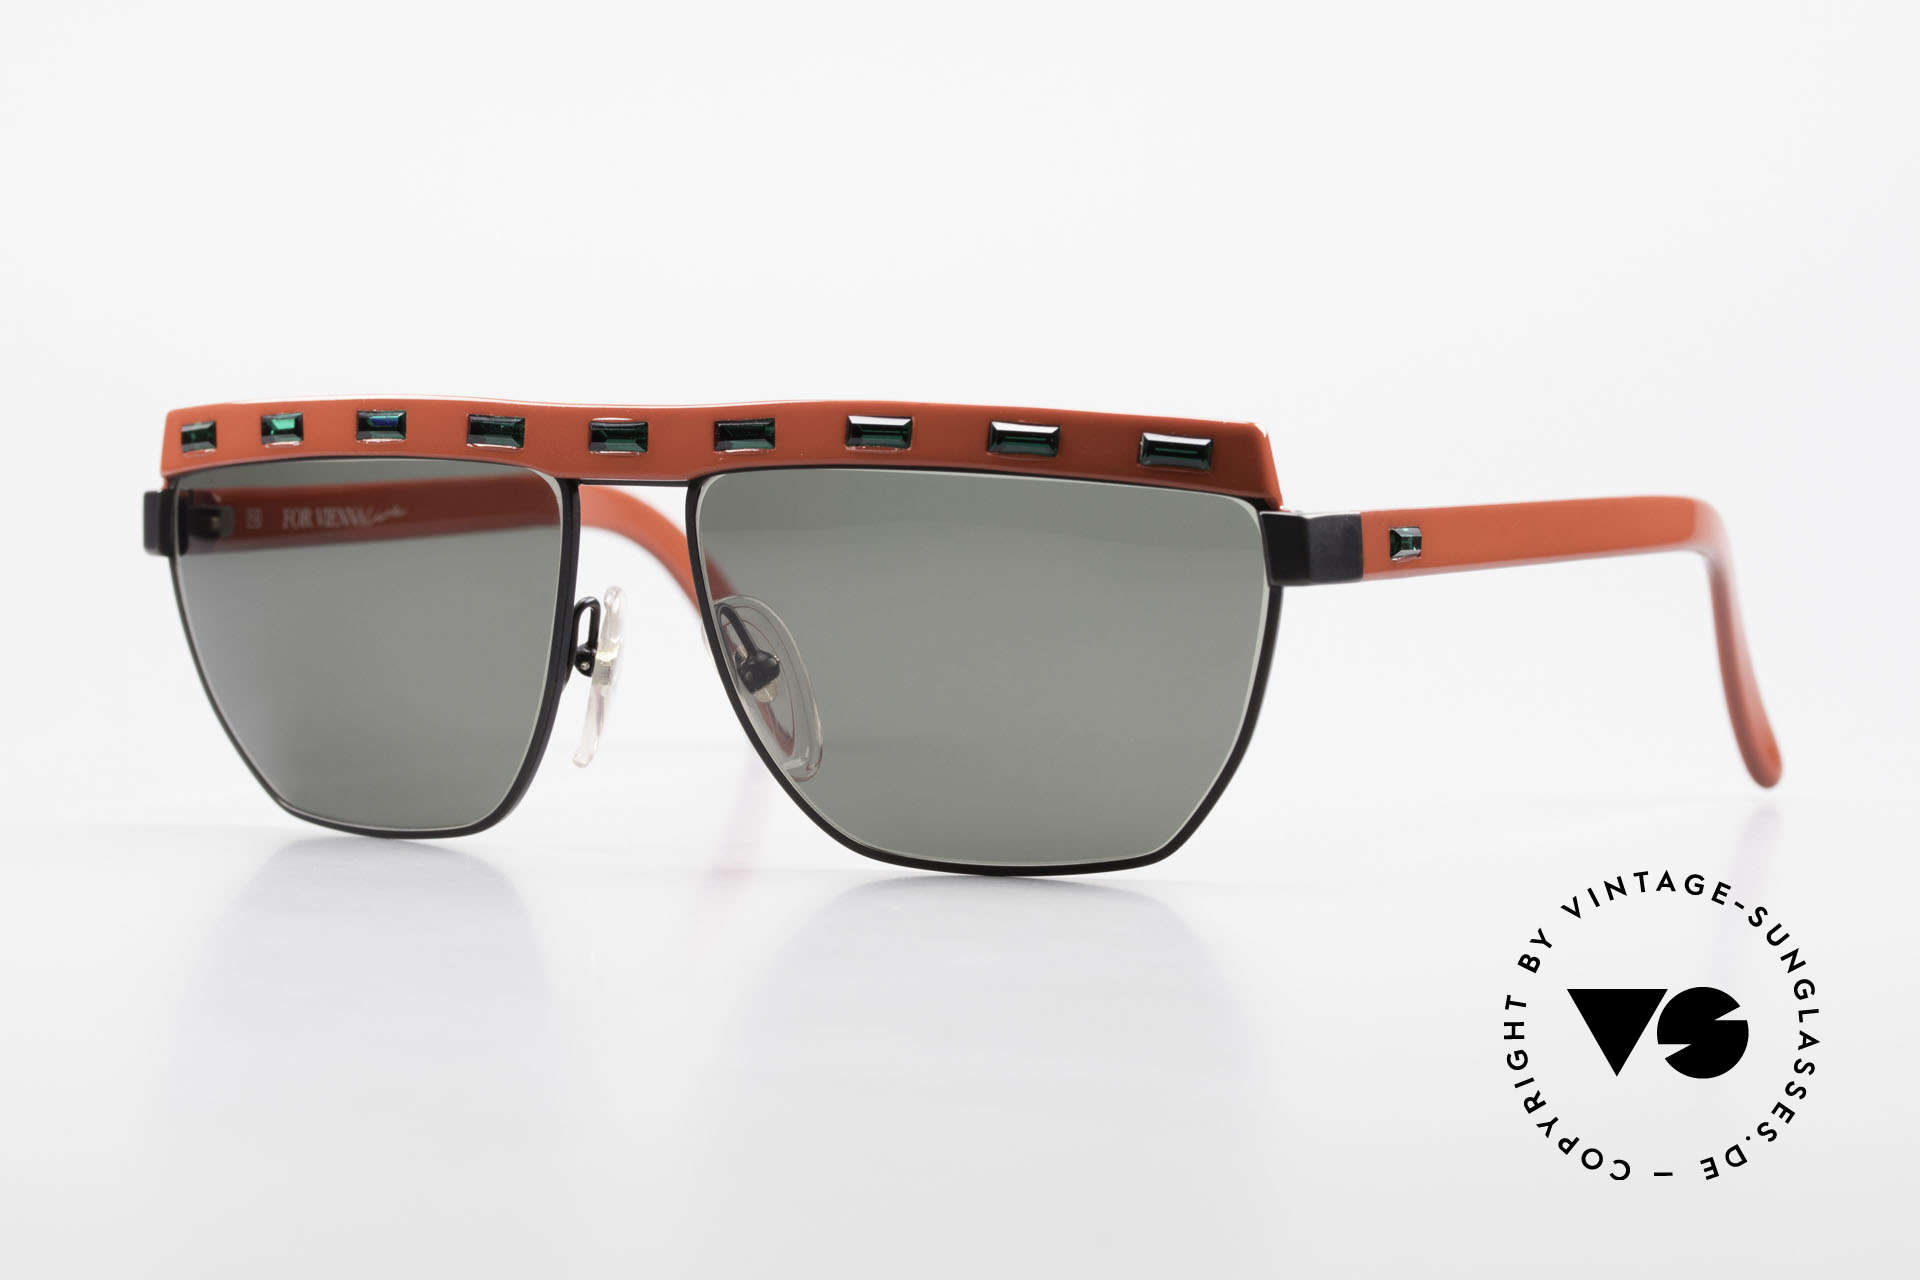 Paloma Picasso 3706 90's Ladies Gem Sunglasses, ladies 90's designer sunglasses by PALOMA Picasso, Made for Women